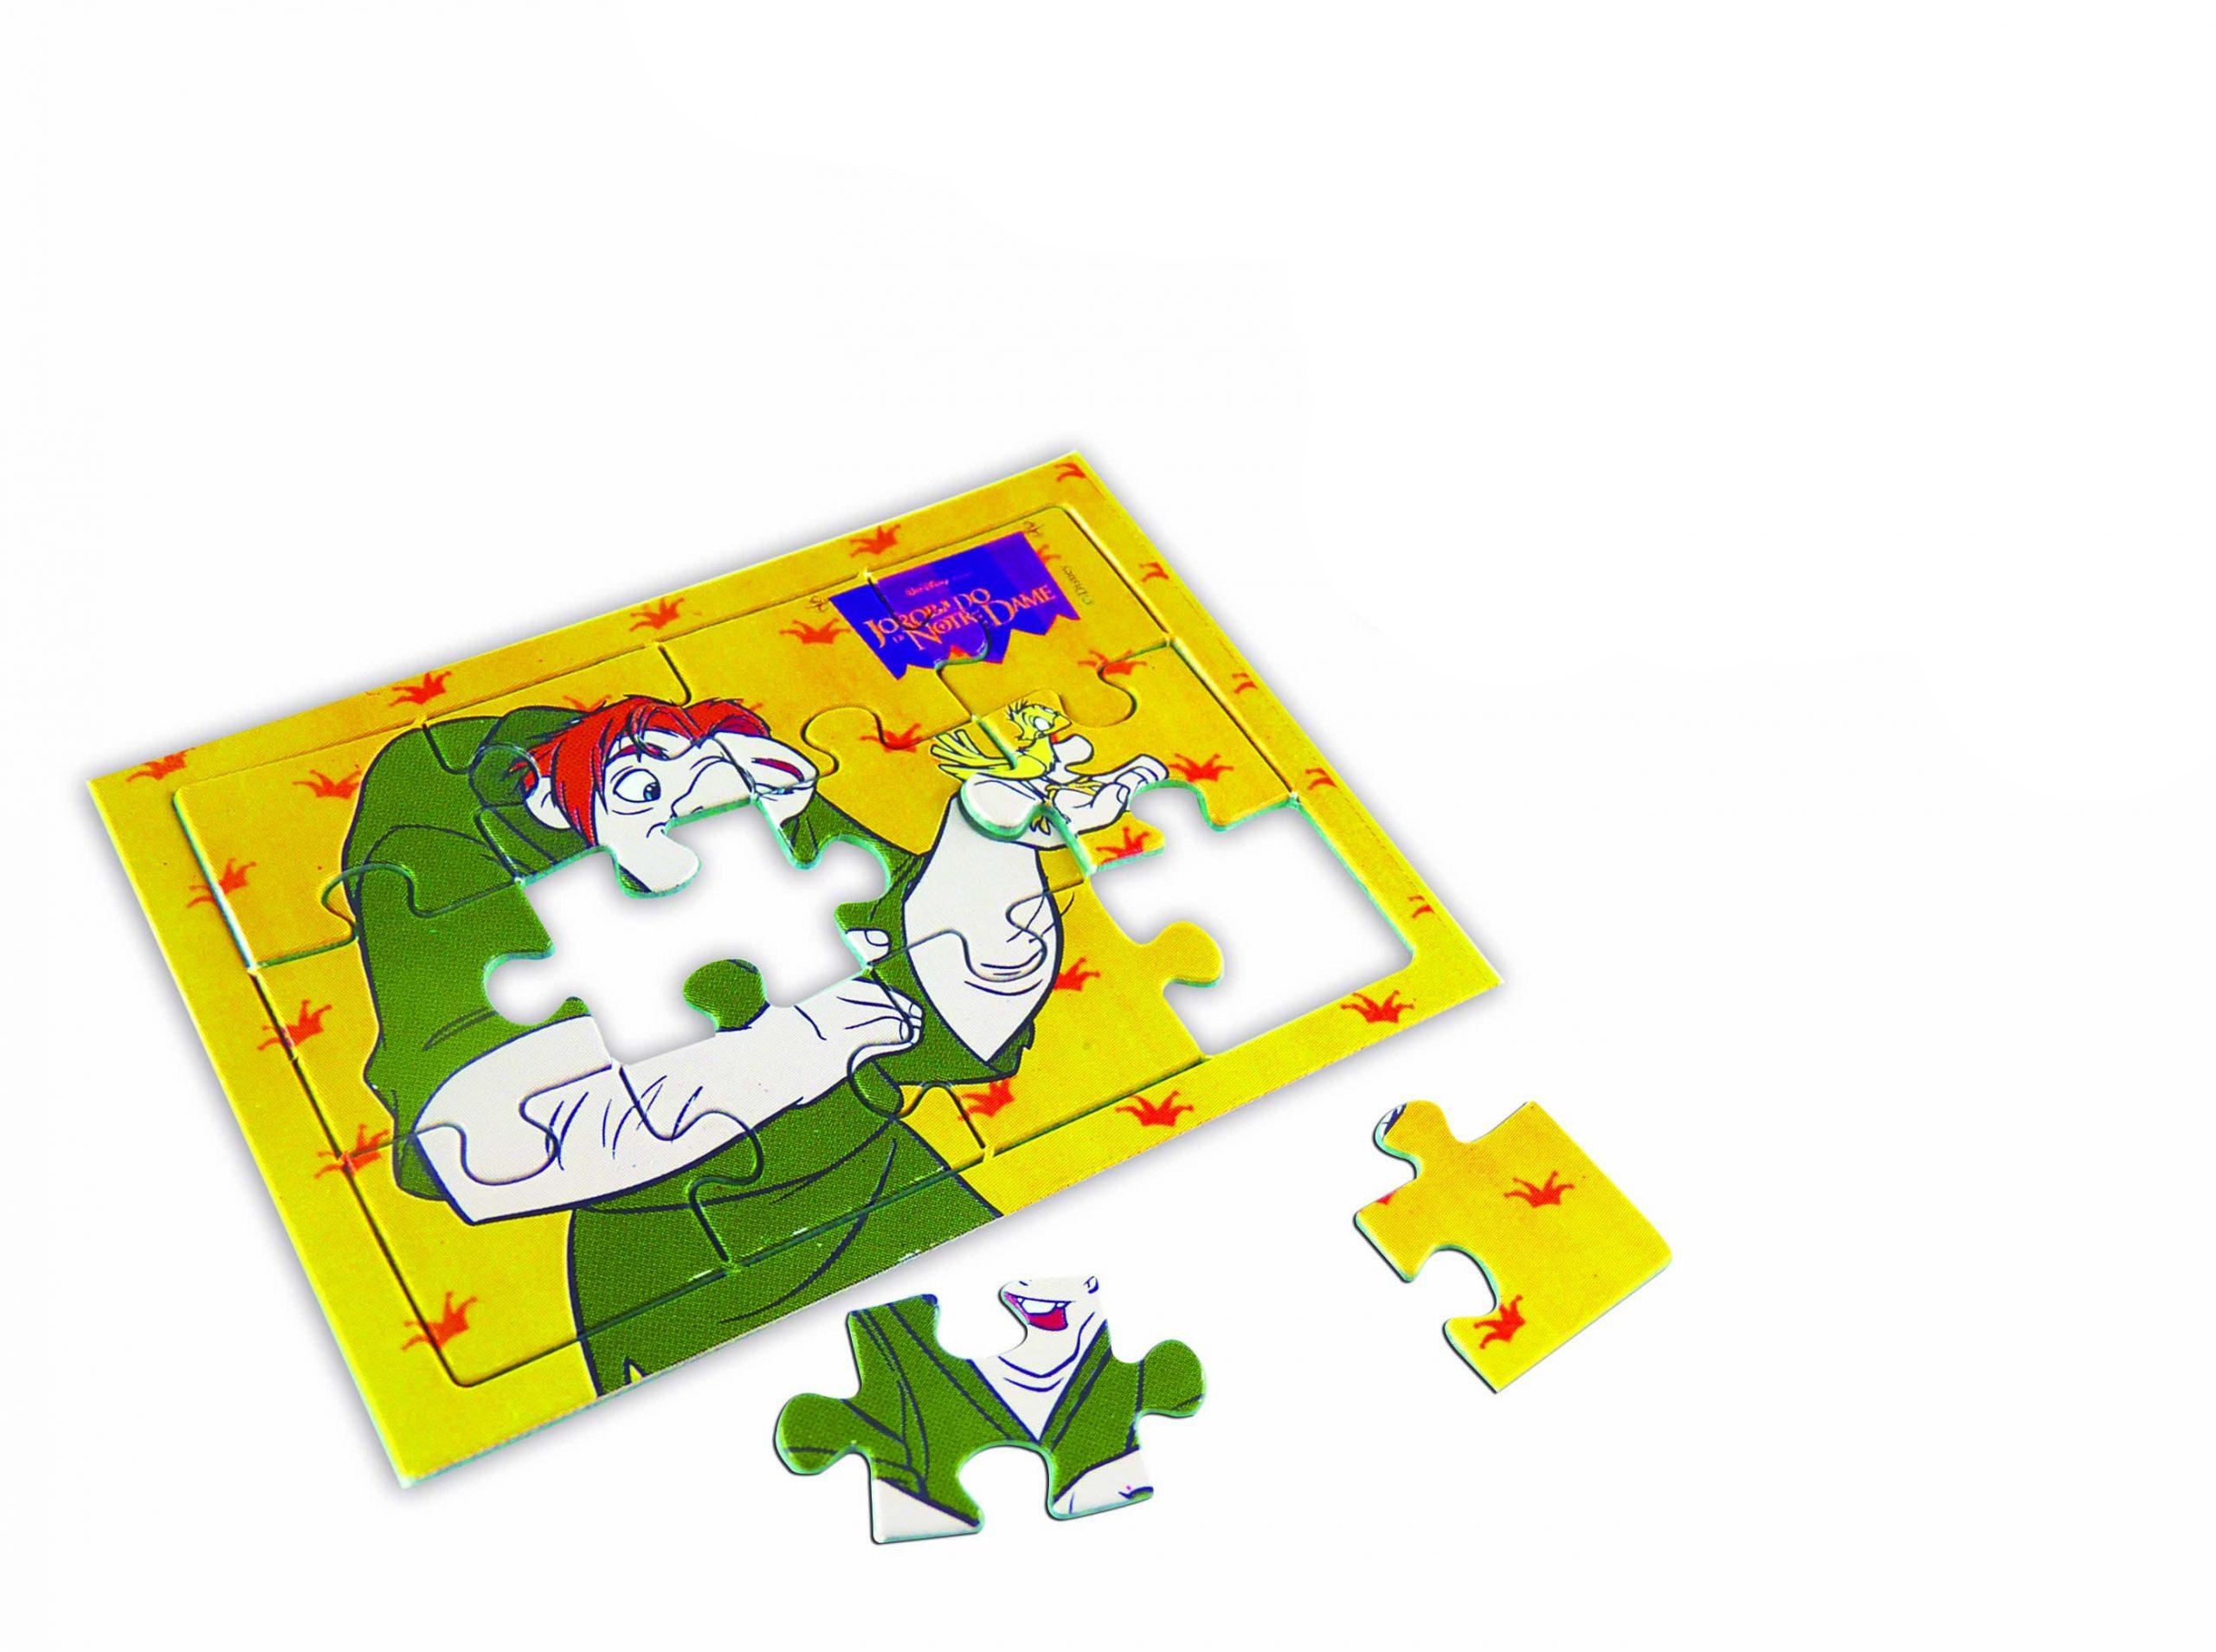 puzle promocional - Puzzle Notre Dame copia